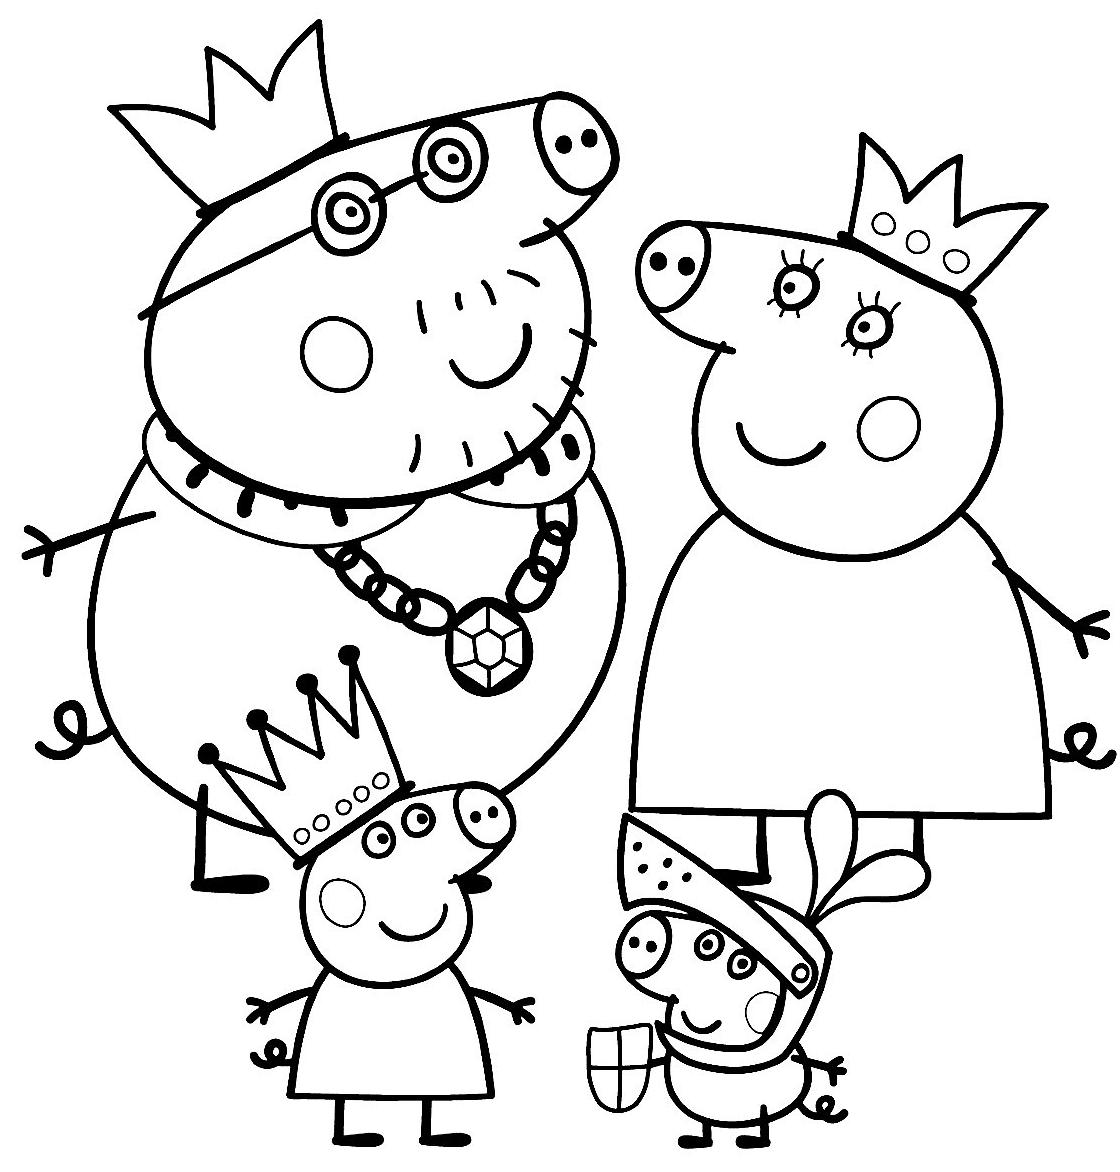 Birras.com: Dibujos de Peppa Pig para colorear y pintar